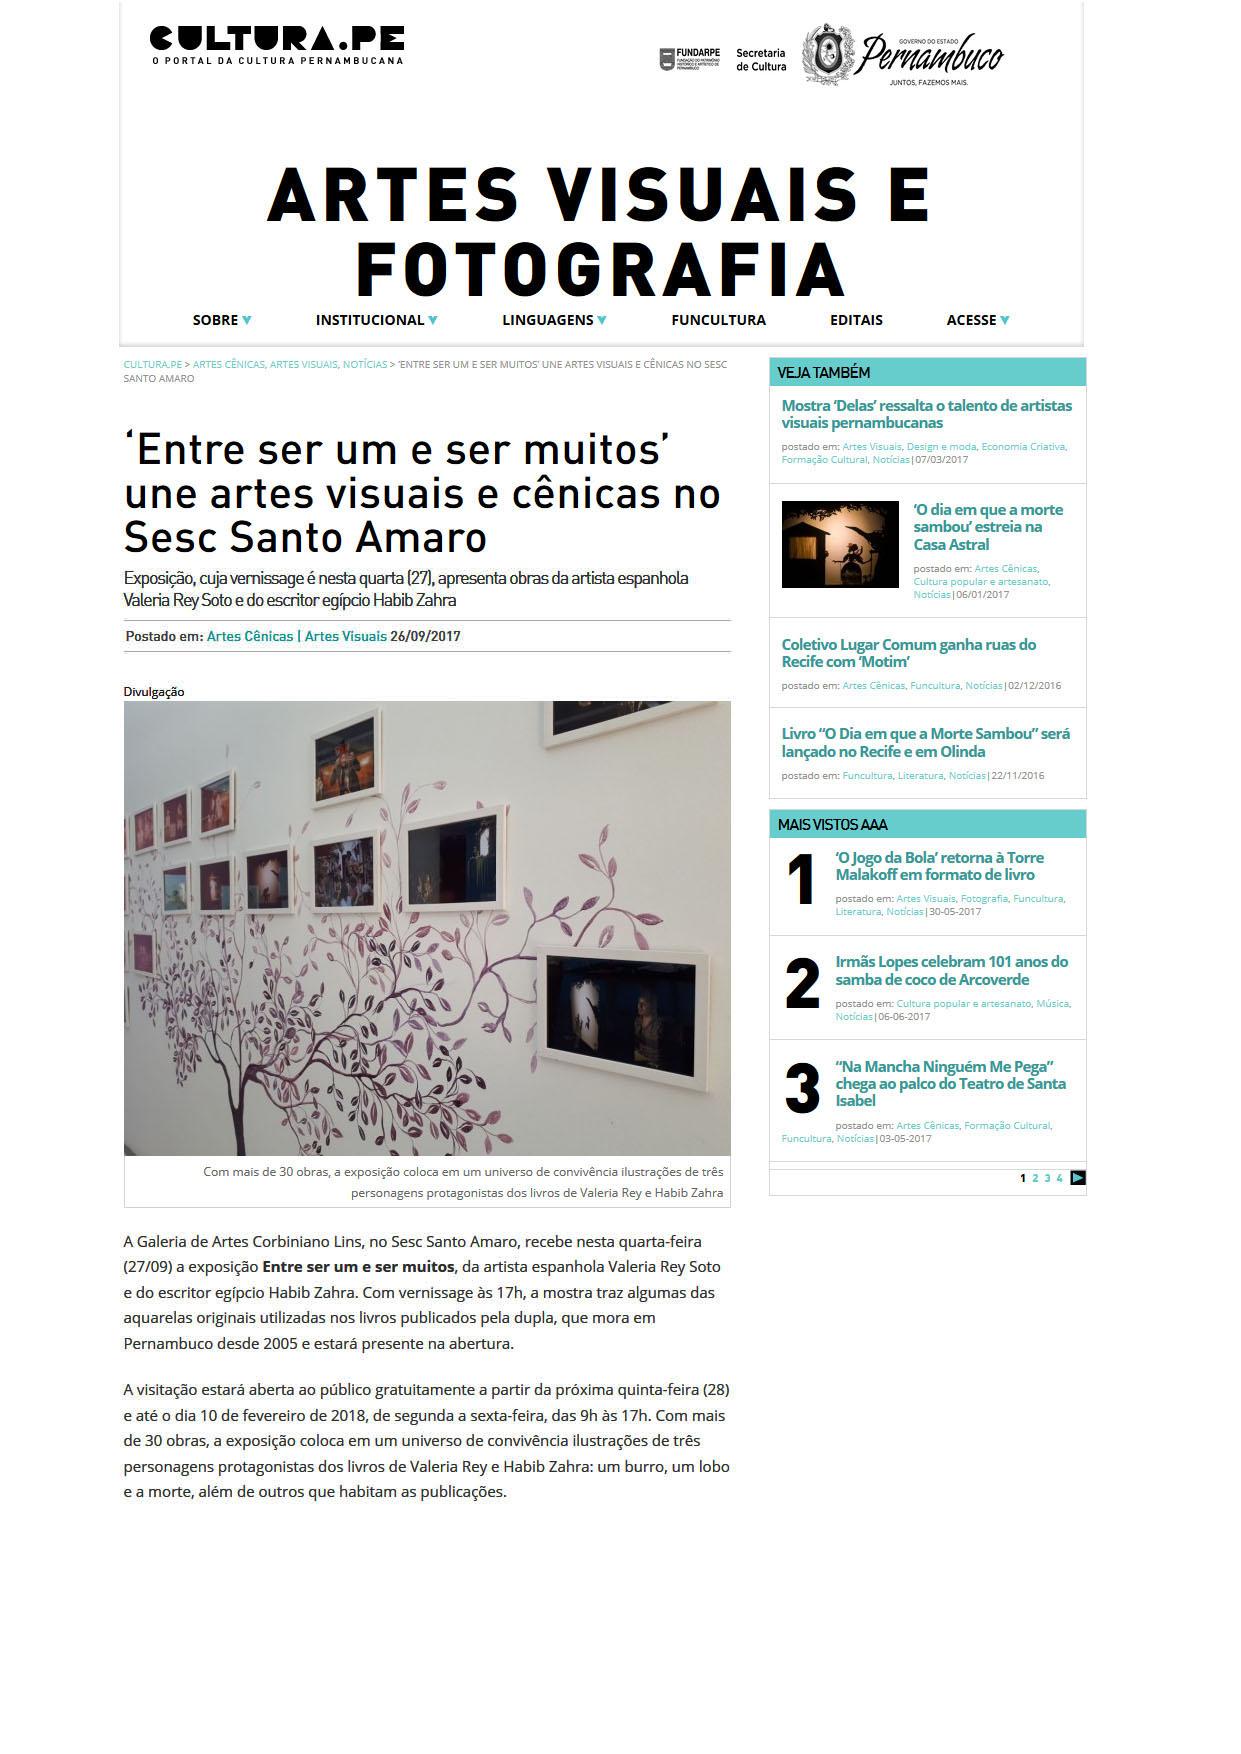 17-09-26 Portal Cultura PE (1)